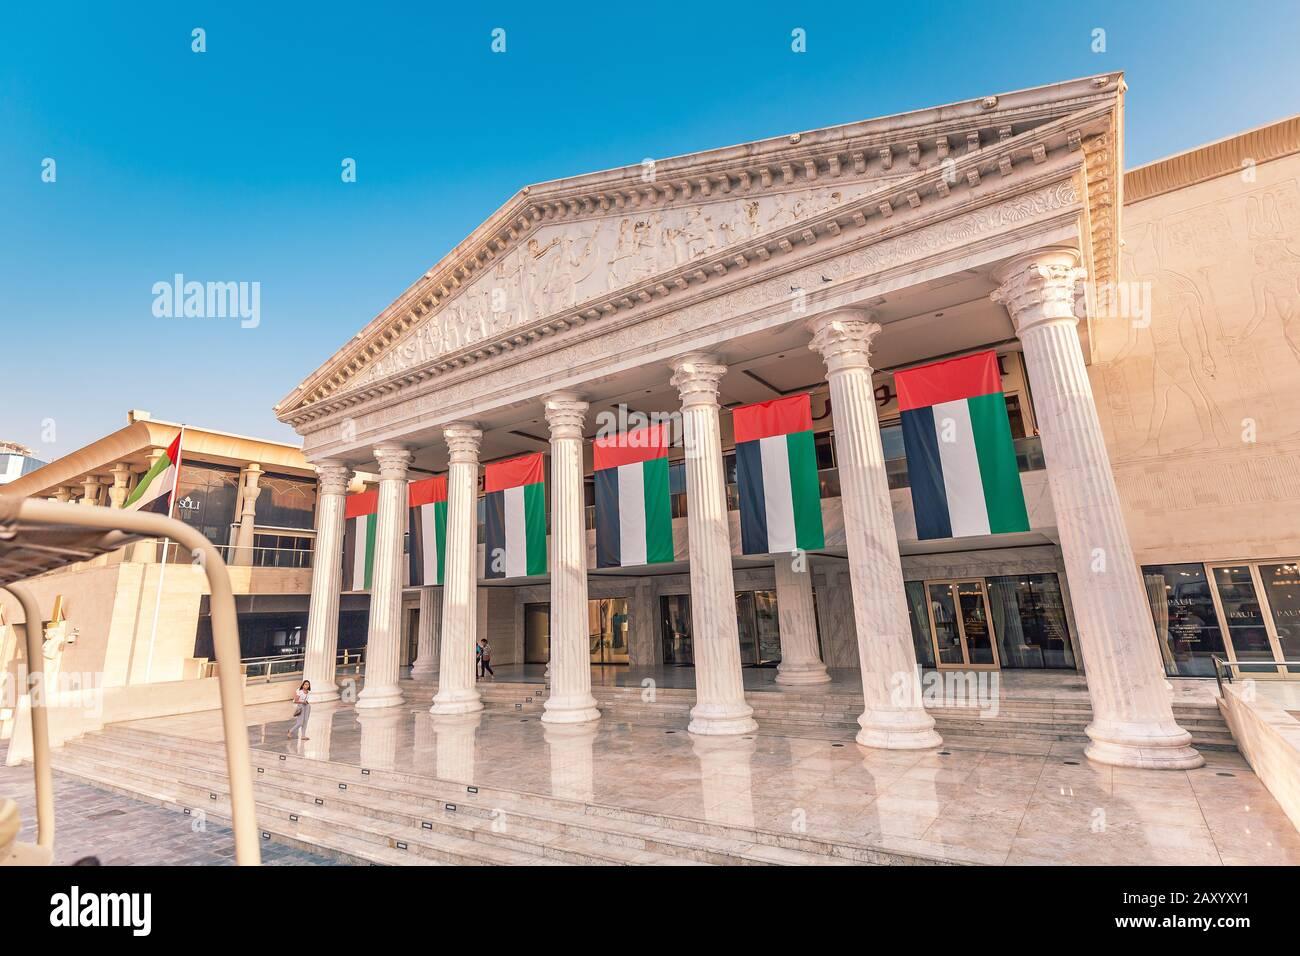 29 de noviembre de 2019, Dubai, Emiratos Árabes Unidos: Templo de temática griega en el centro comercial WAFI con restaurante francés Paul en el interior Foto de stock